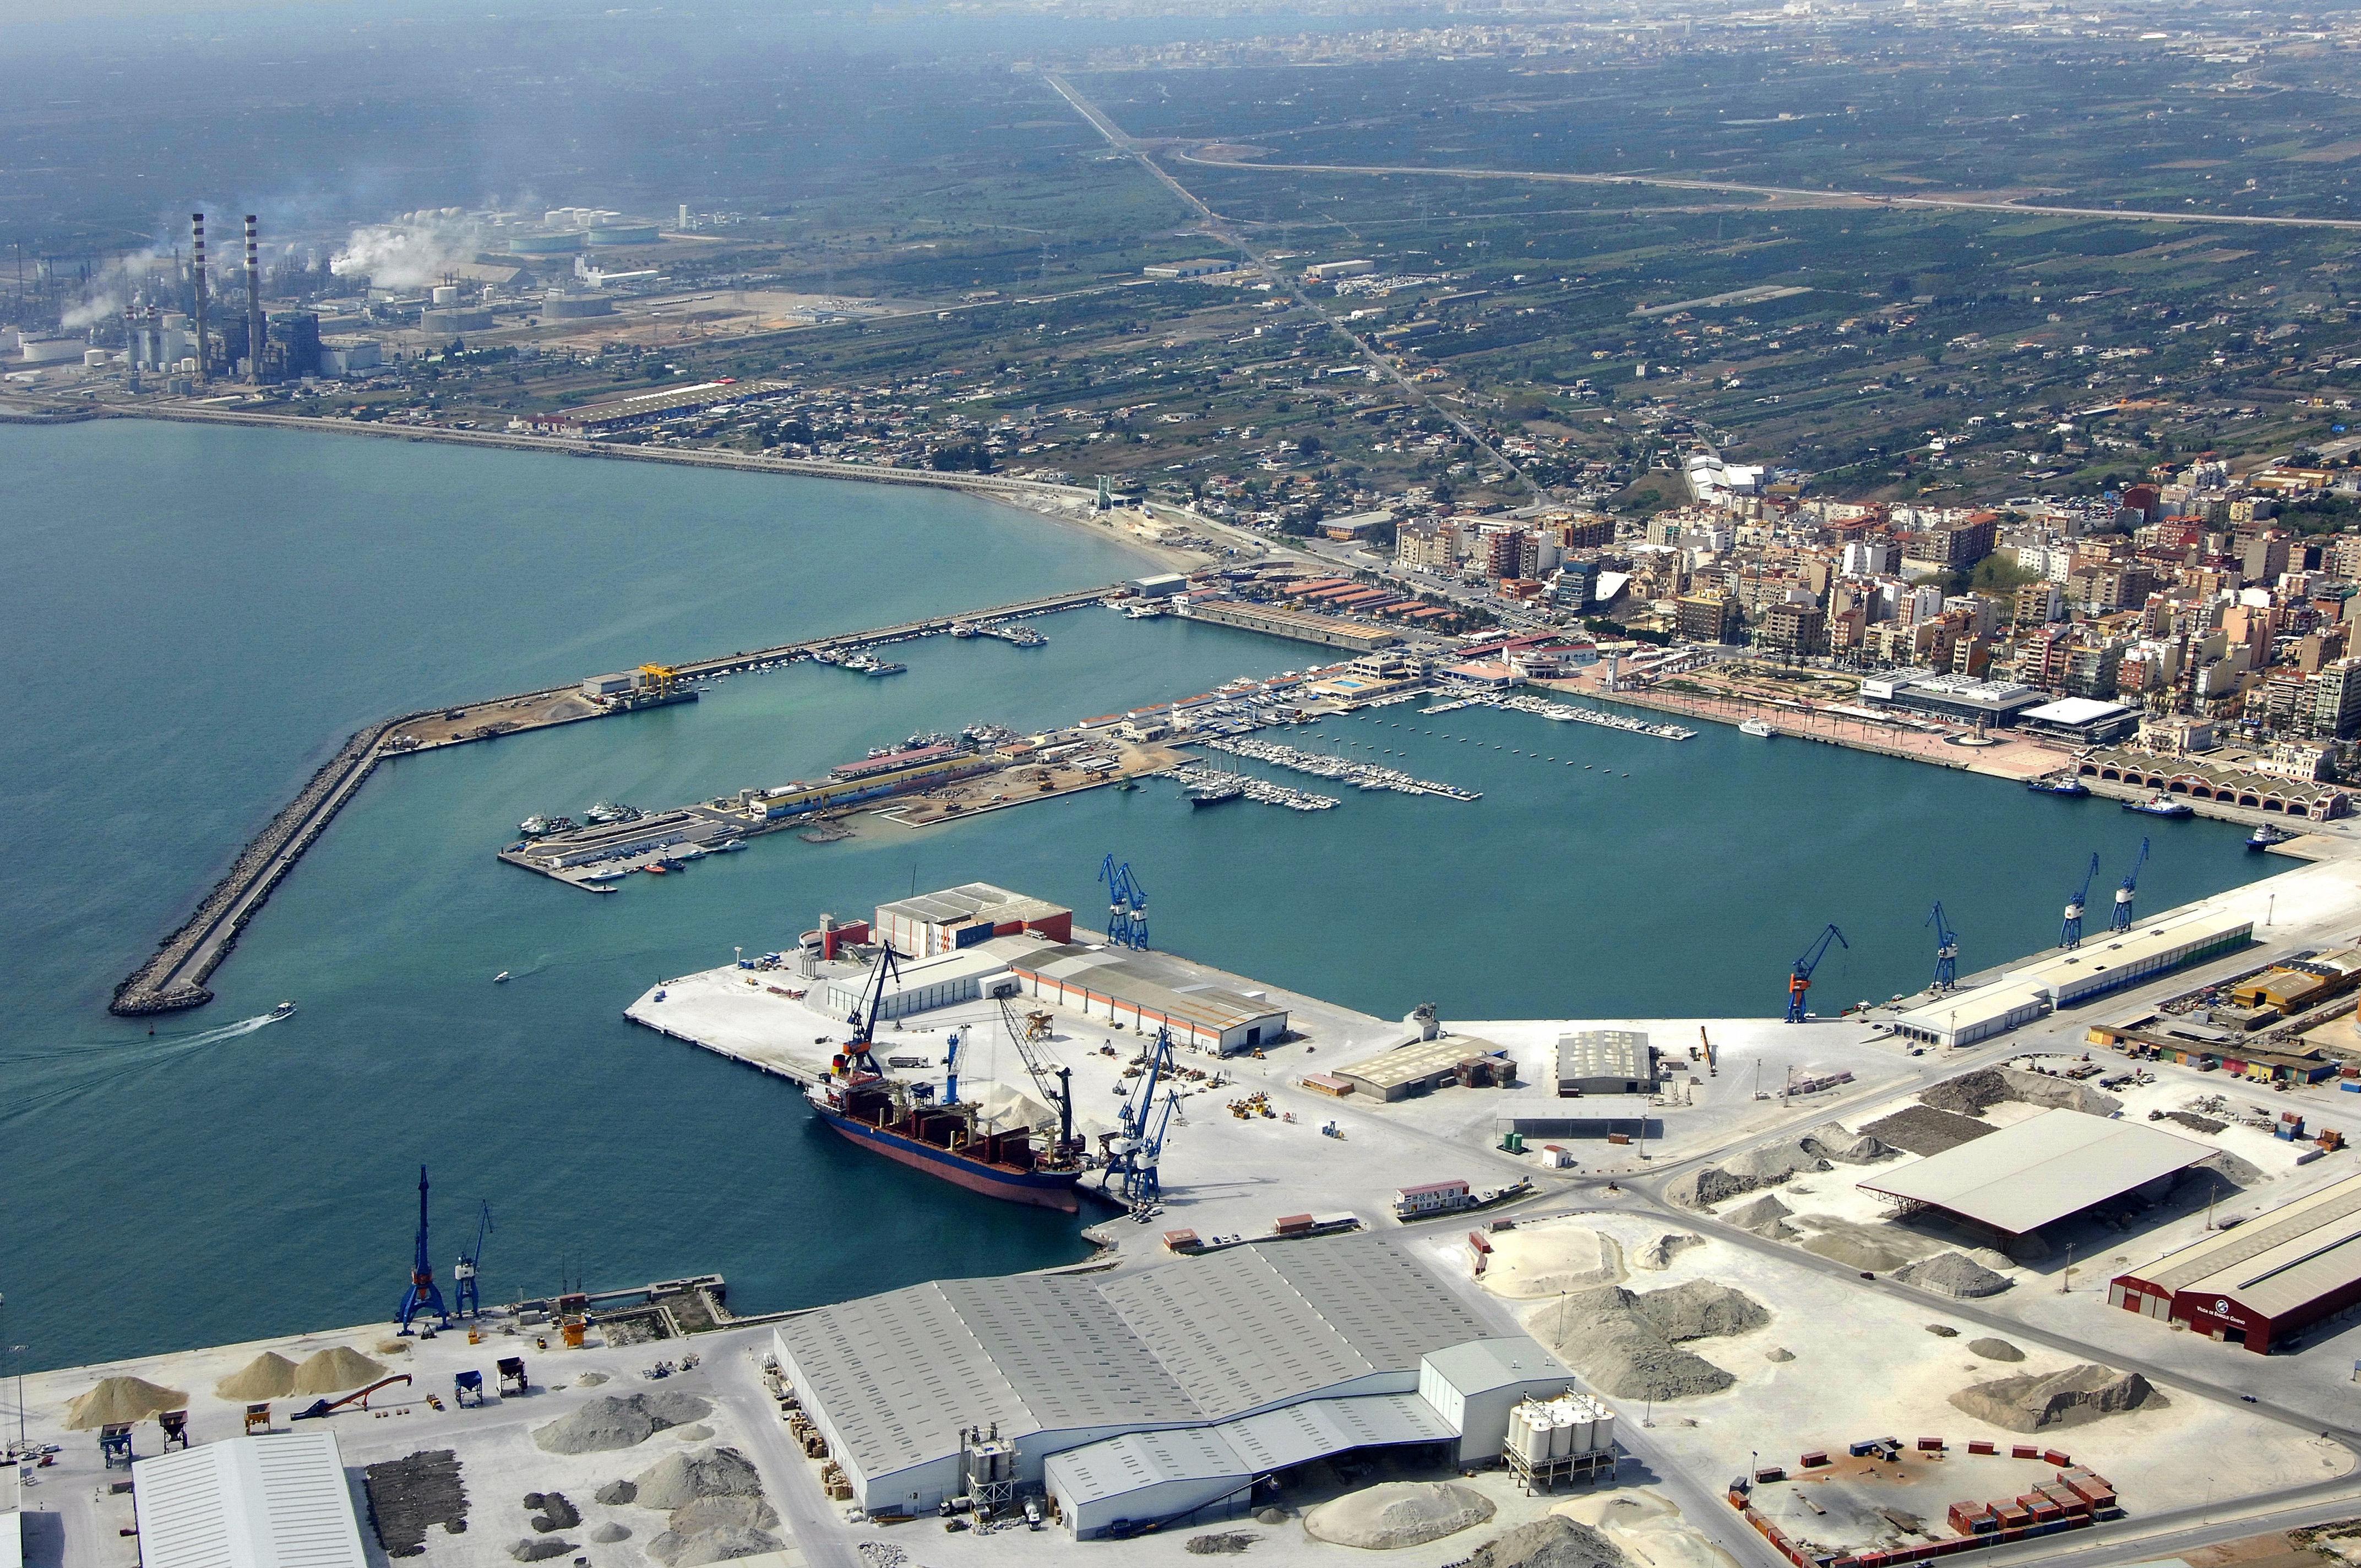 Castellon marina in castellon de la plana spain marina - Muebles en castellon dela plana ...